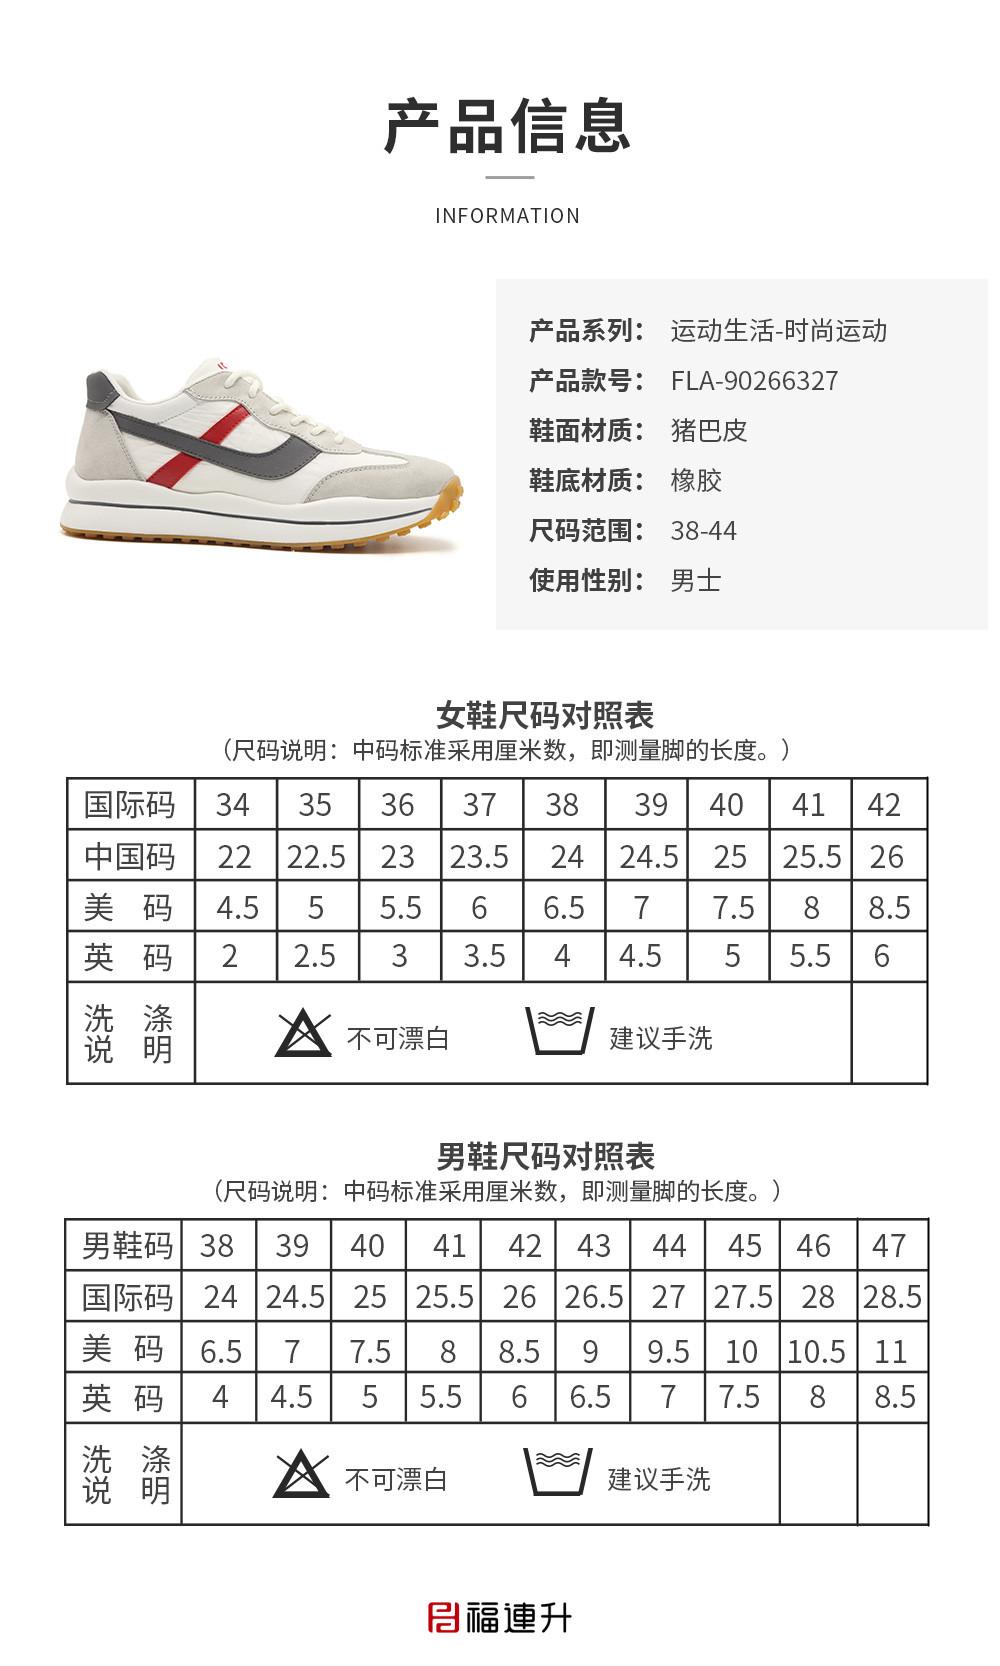 福连升休闲运动鞋子男百搭春季阿甘鞋中年棉麻舒适图片